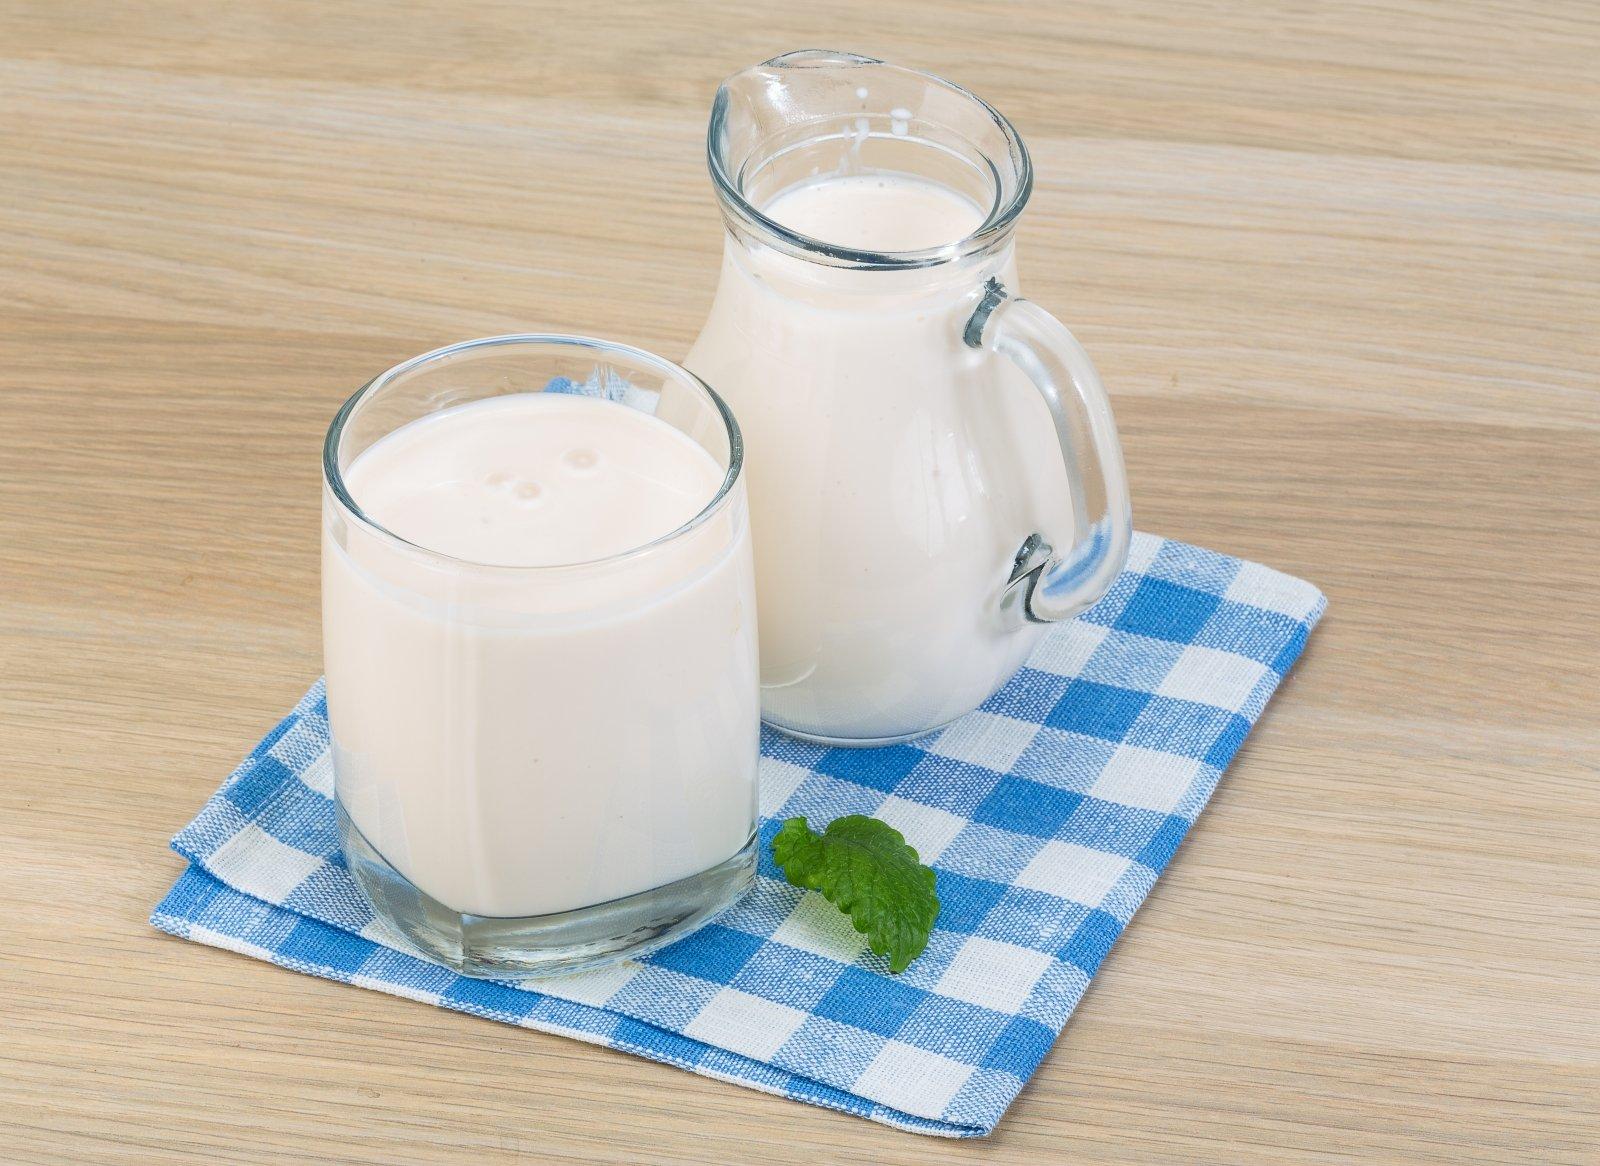 Ryazhenka silpnėja naktį. Ar verta naktį gerti fermentuotą keptą pieną